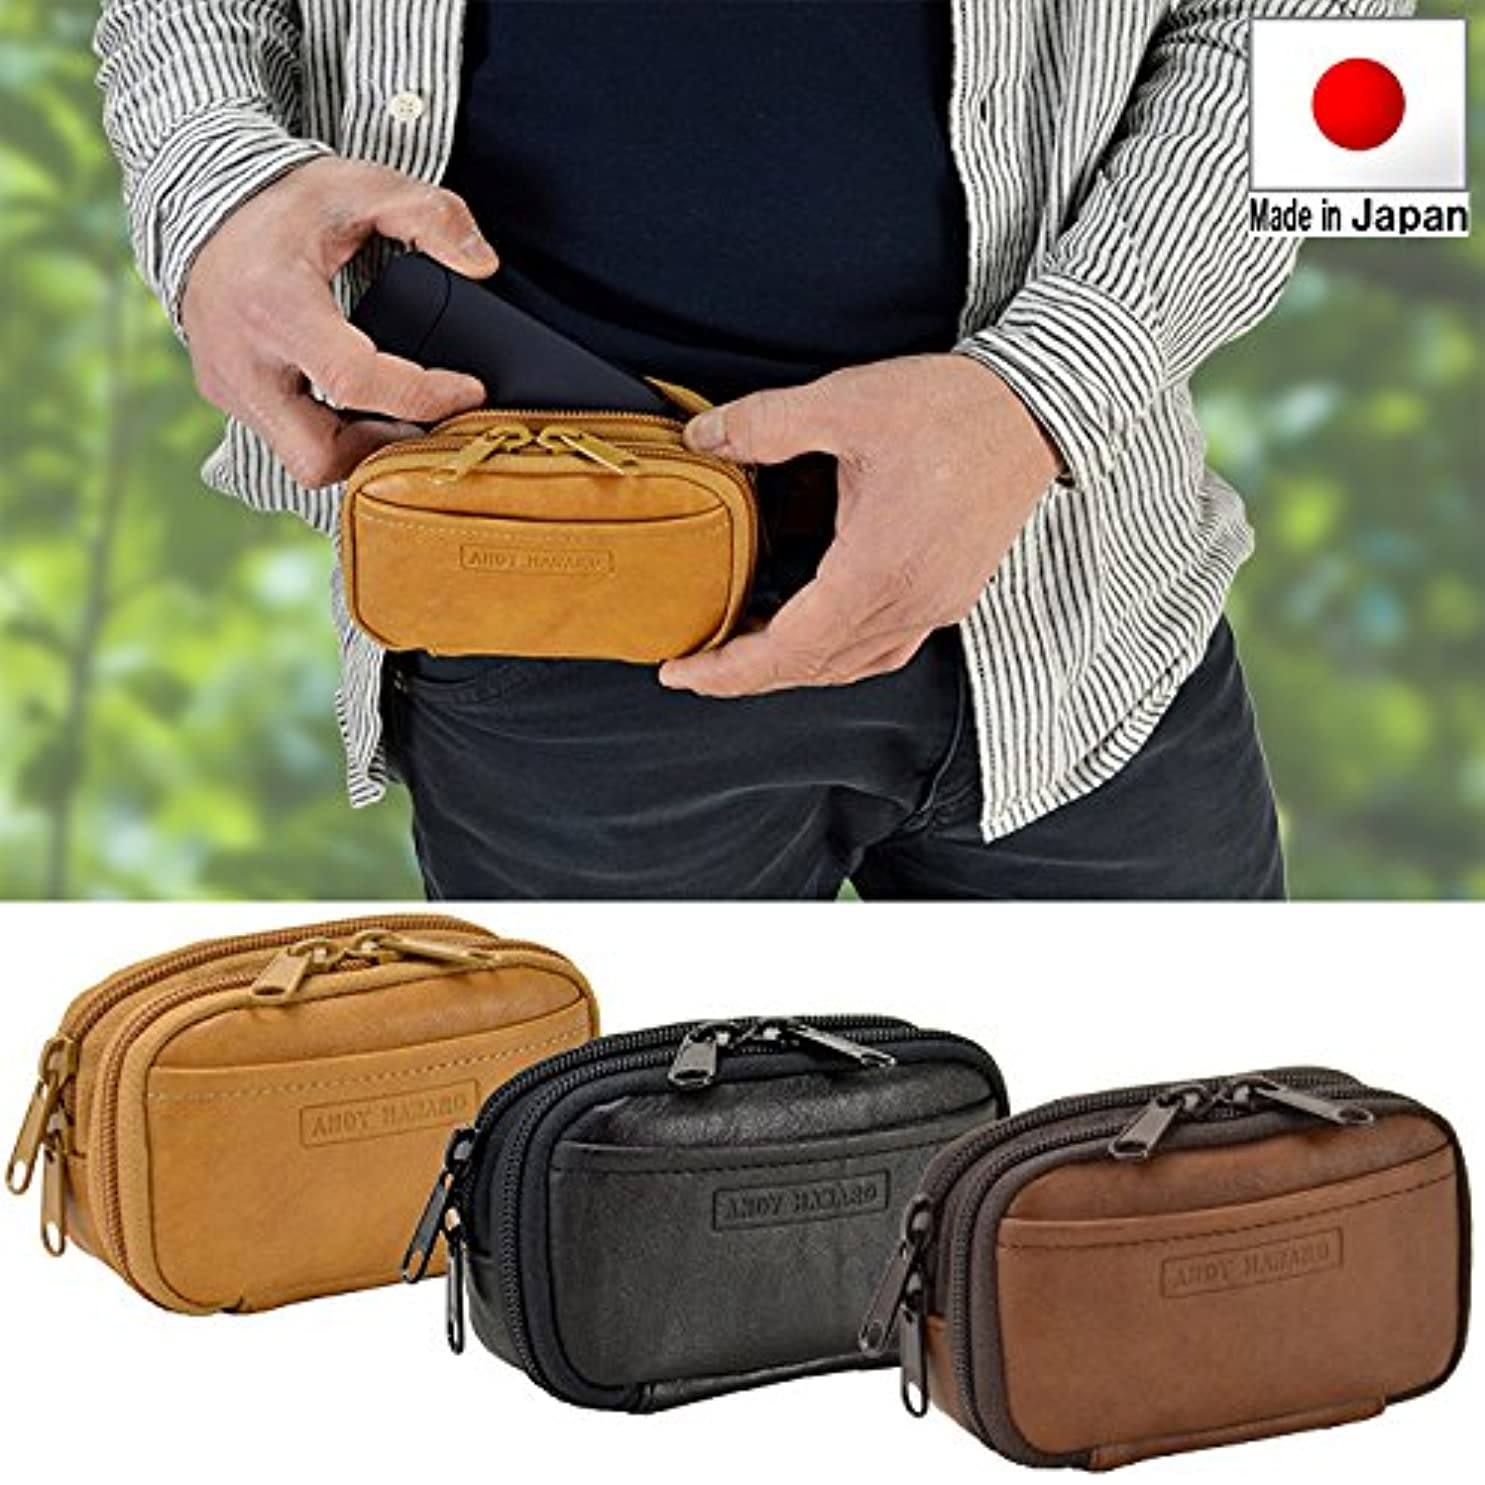 にぎやか骨の折れる祈るアイコスケース 黒色 日本製 豊岡製鞄 iQOSケース タバコケース メンズ ベルトポーチ 2室式